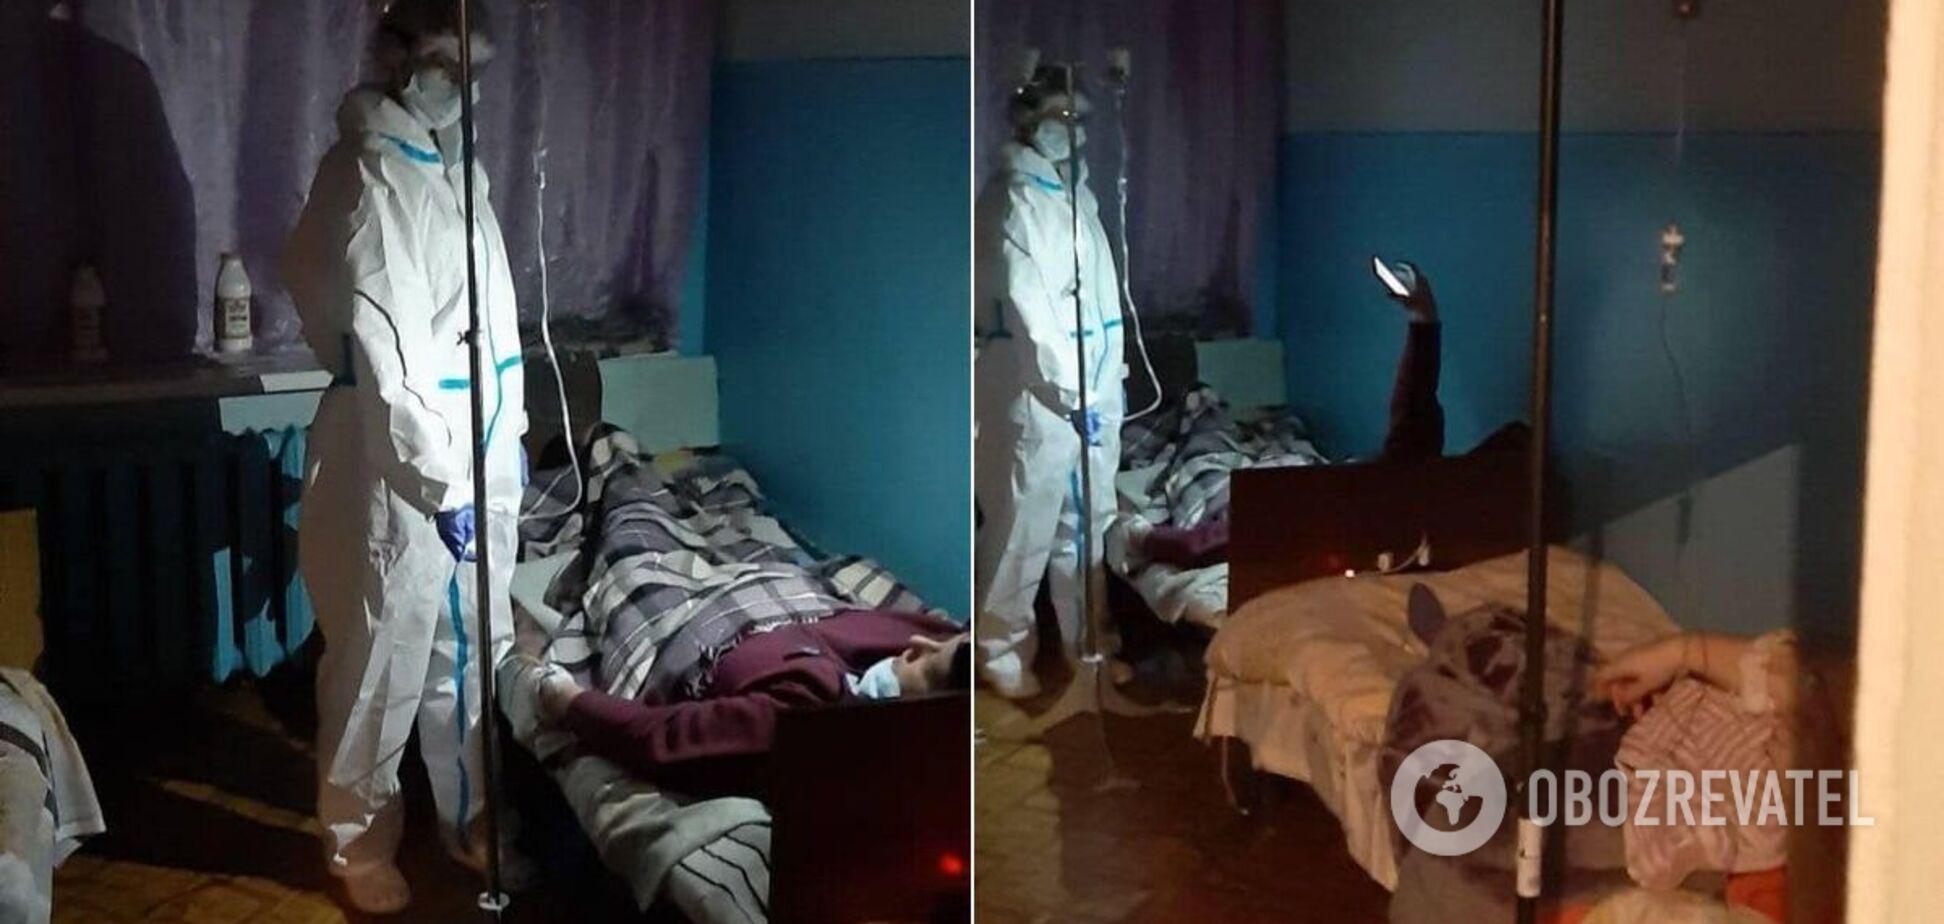 Це вам не Феофанія: лікарня, де ліхтариком підсвічують, щоб робити уколи